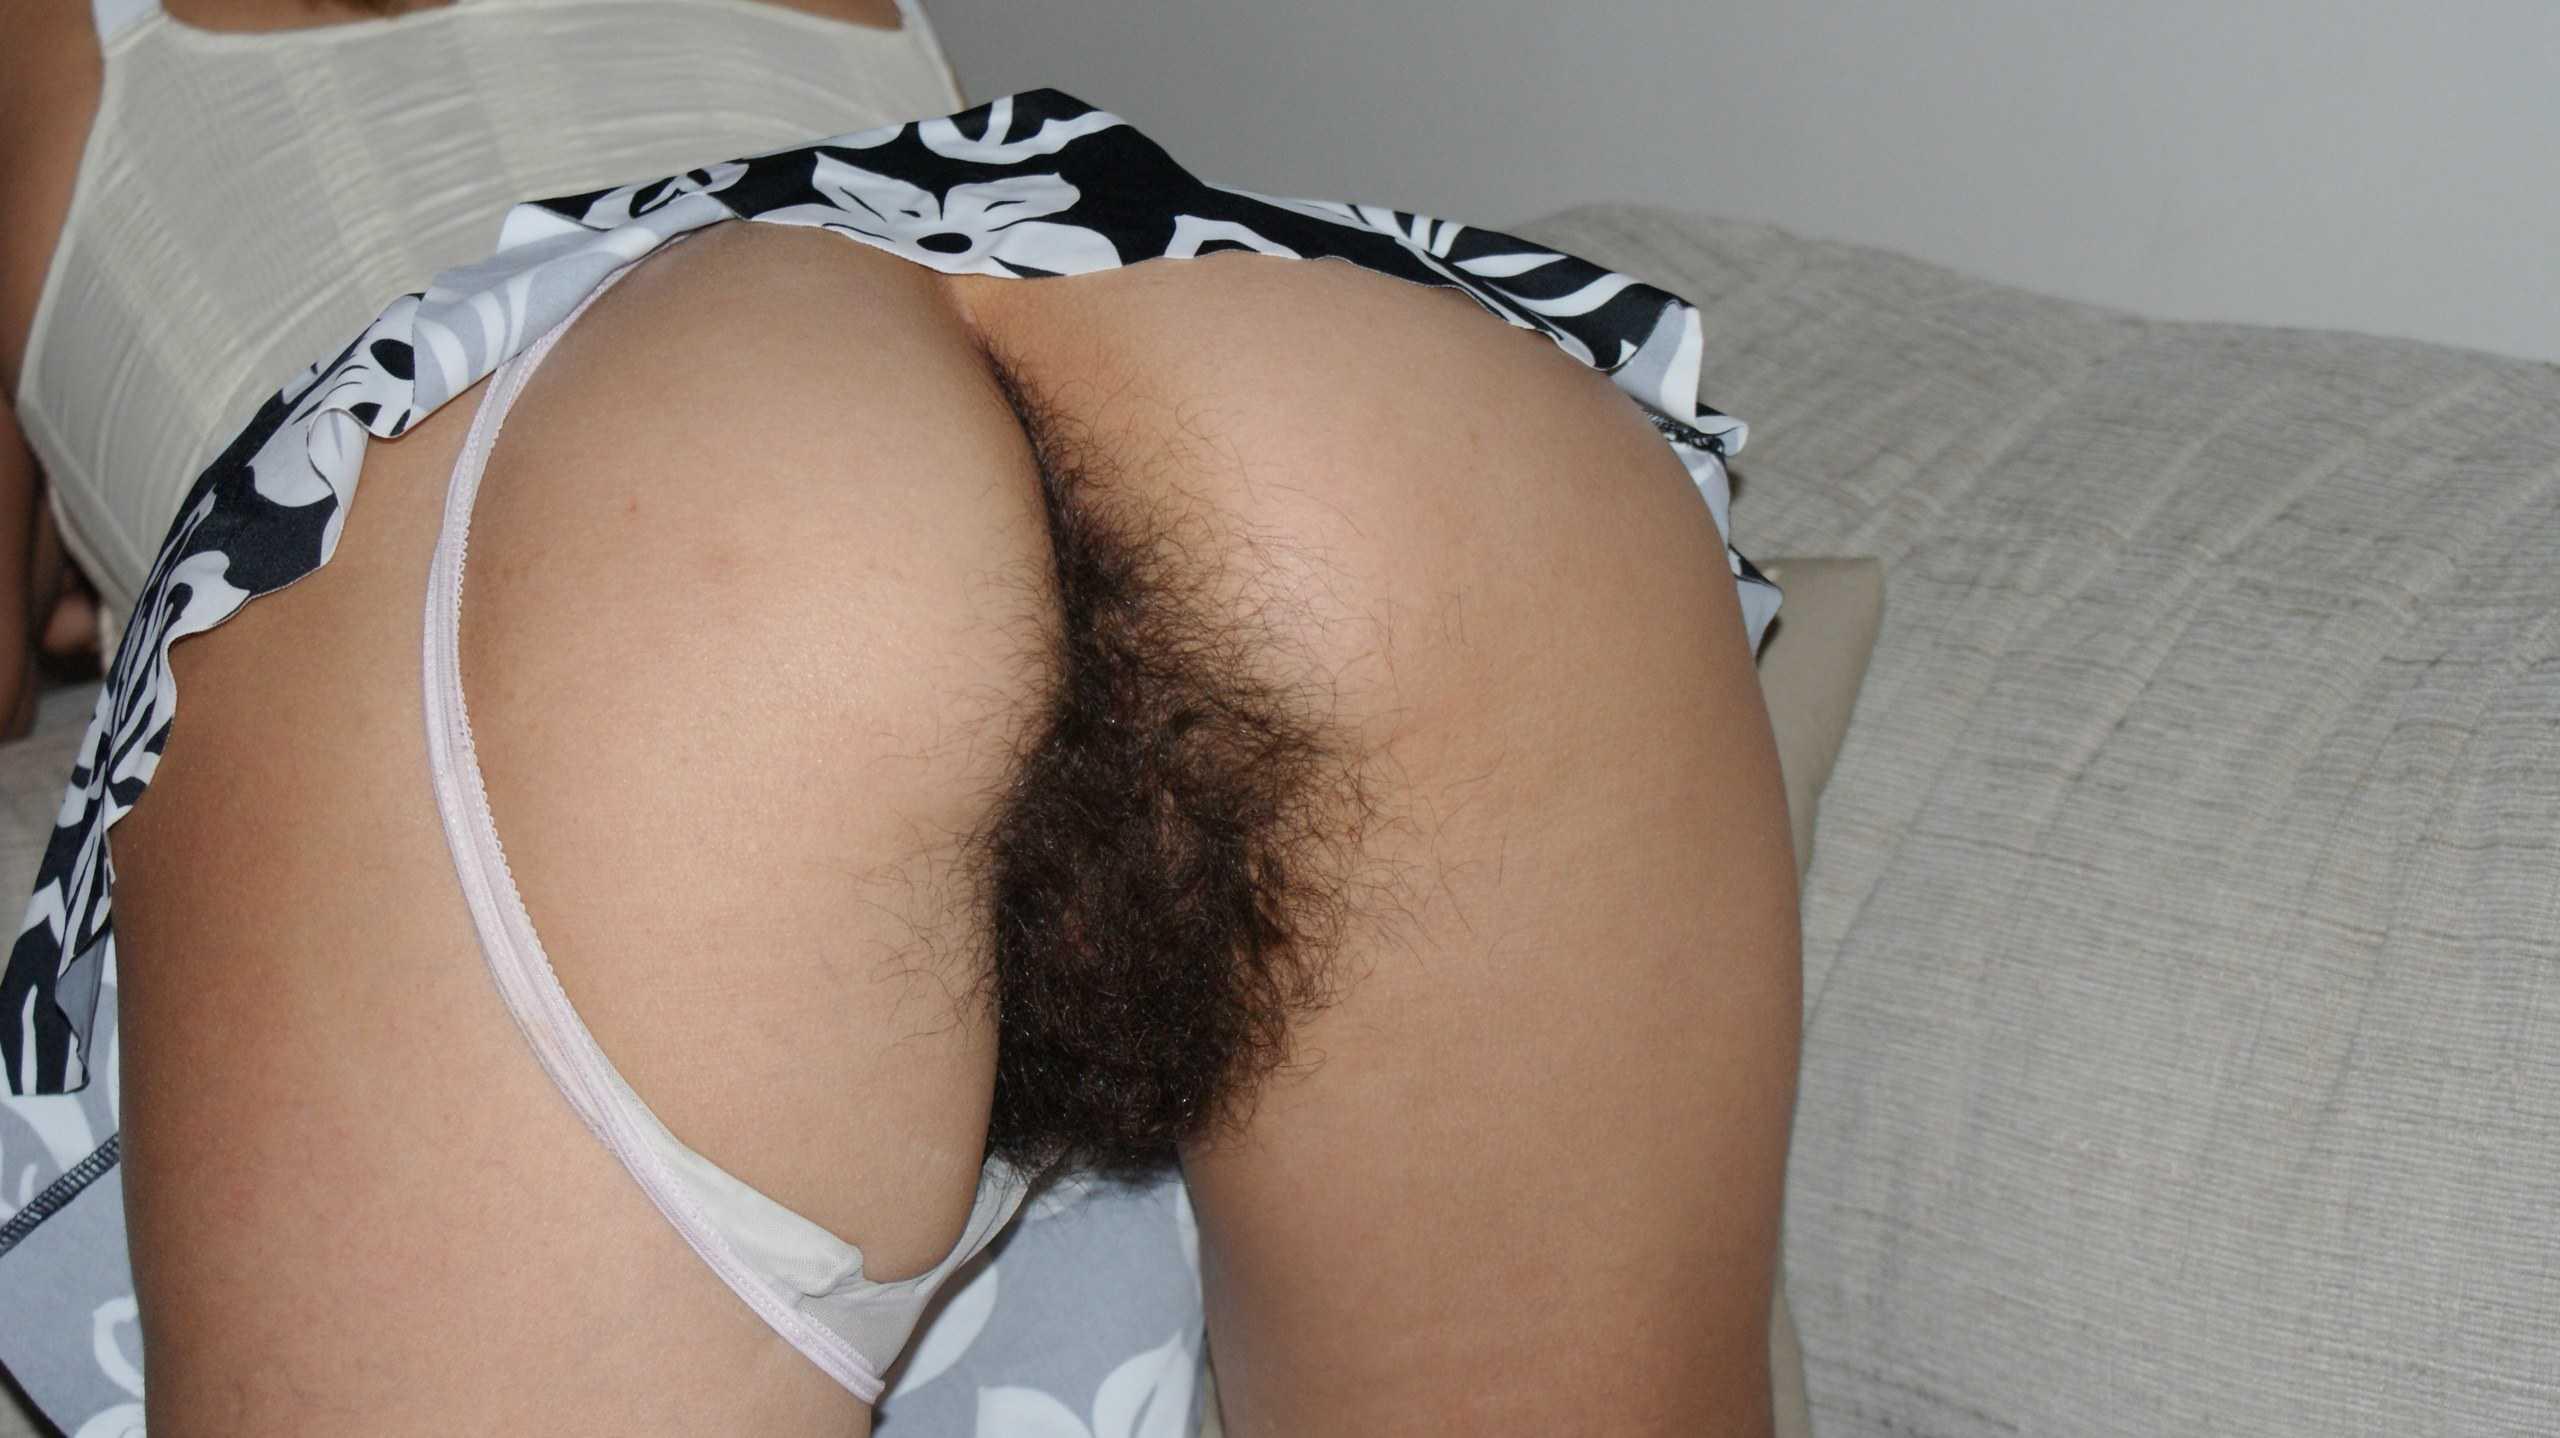 この剛毛おまんこ使ってもいいと💛って言われちゃったら使う?